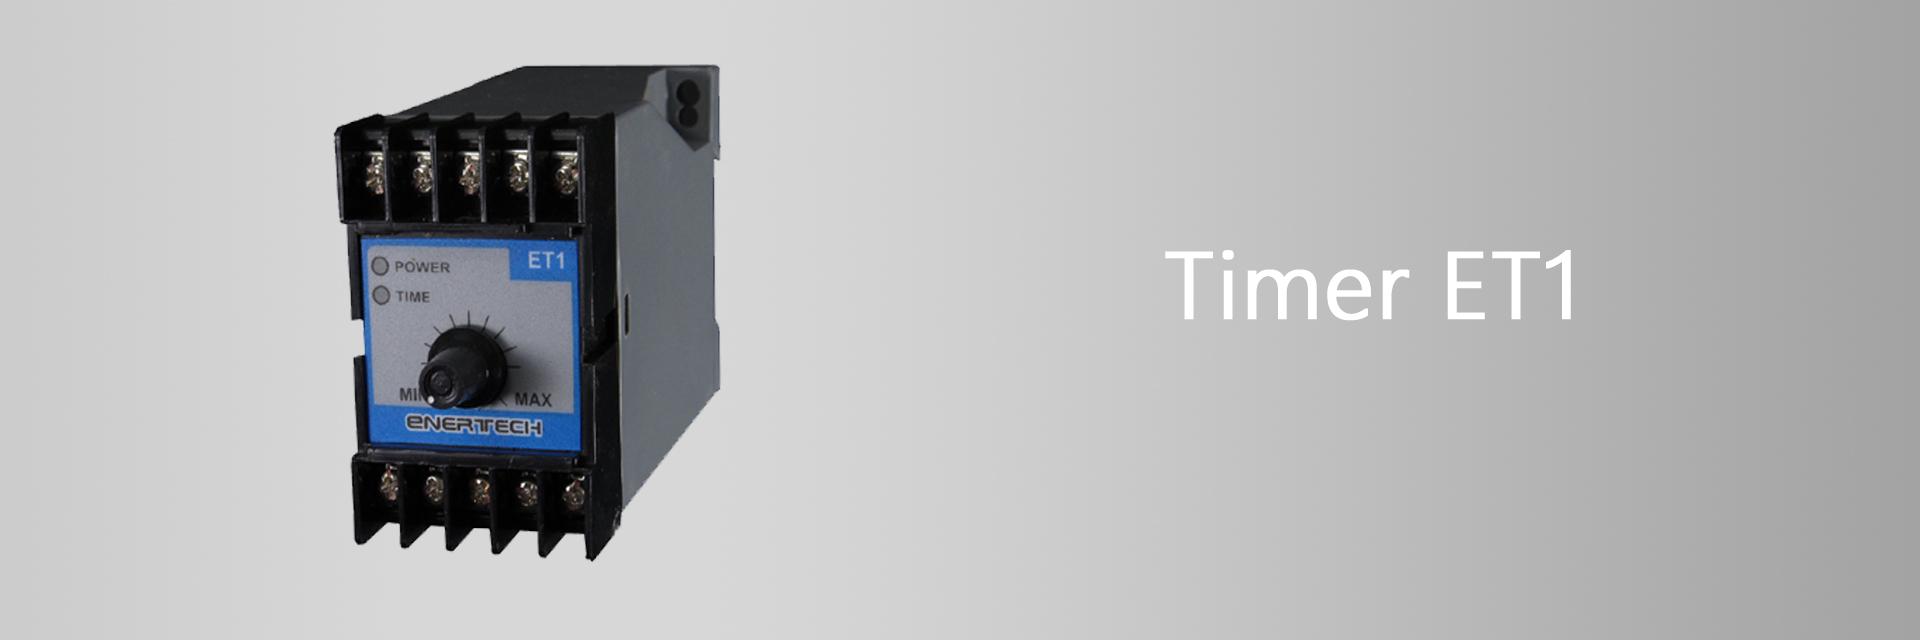 Timer ET1